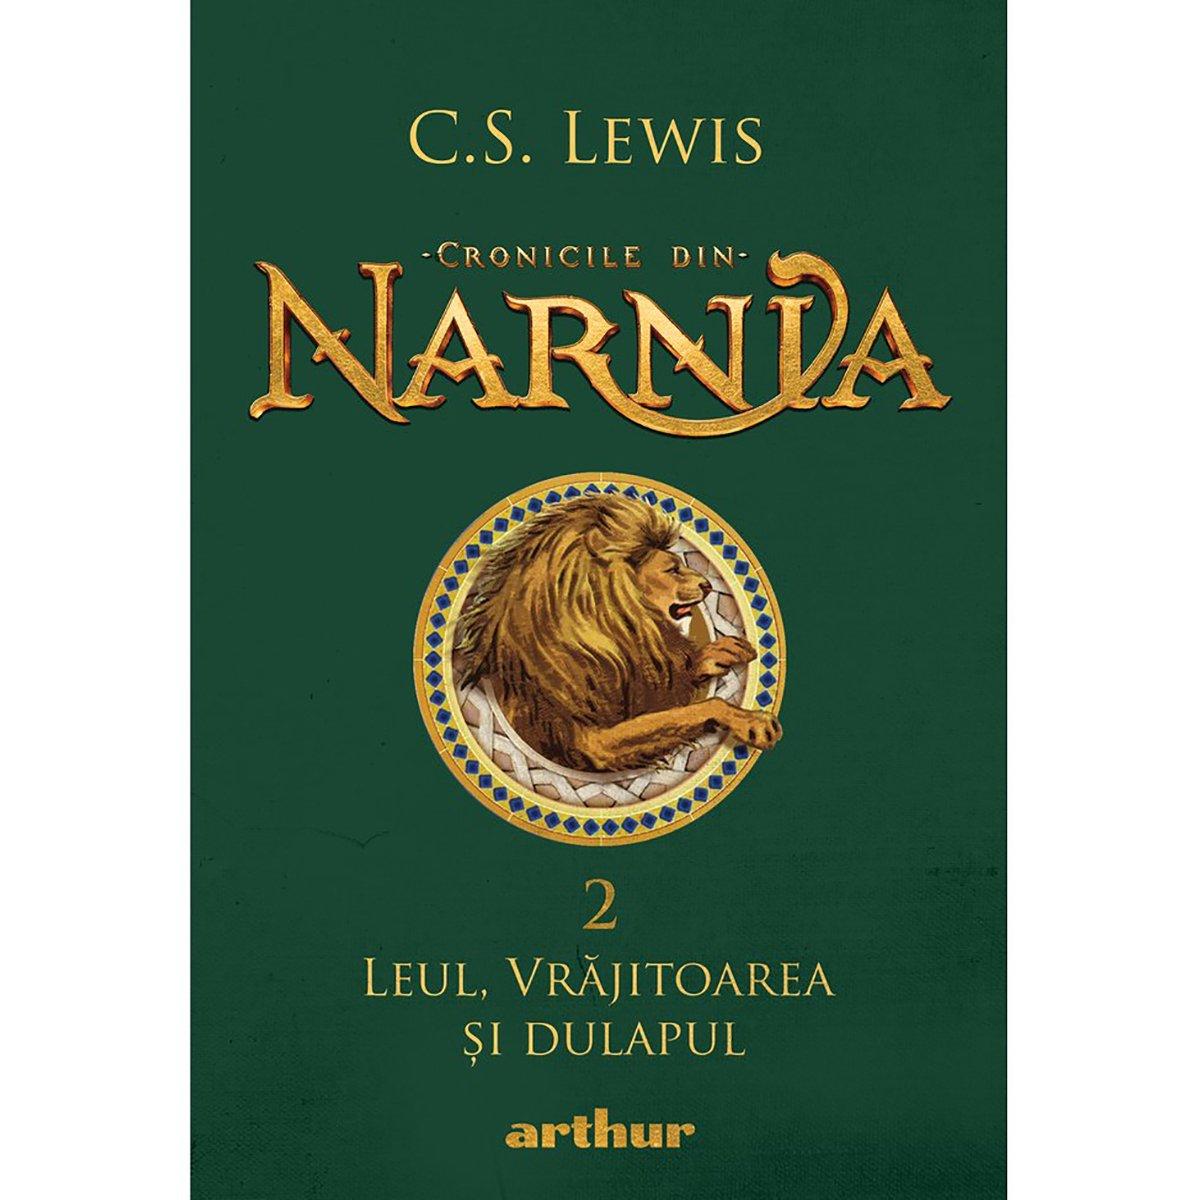 Cronicile din Narnia 2, Leul, vrajitoarea si dulapul, C.S. Lewis